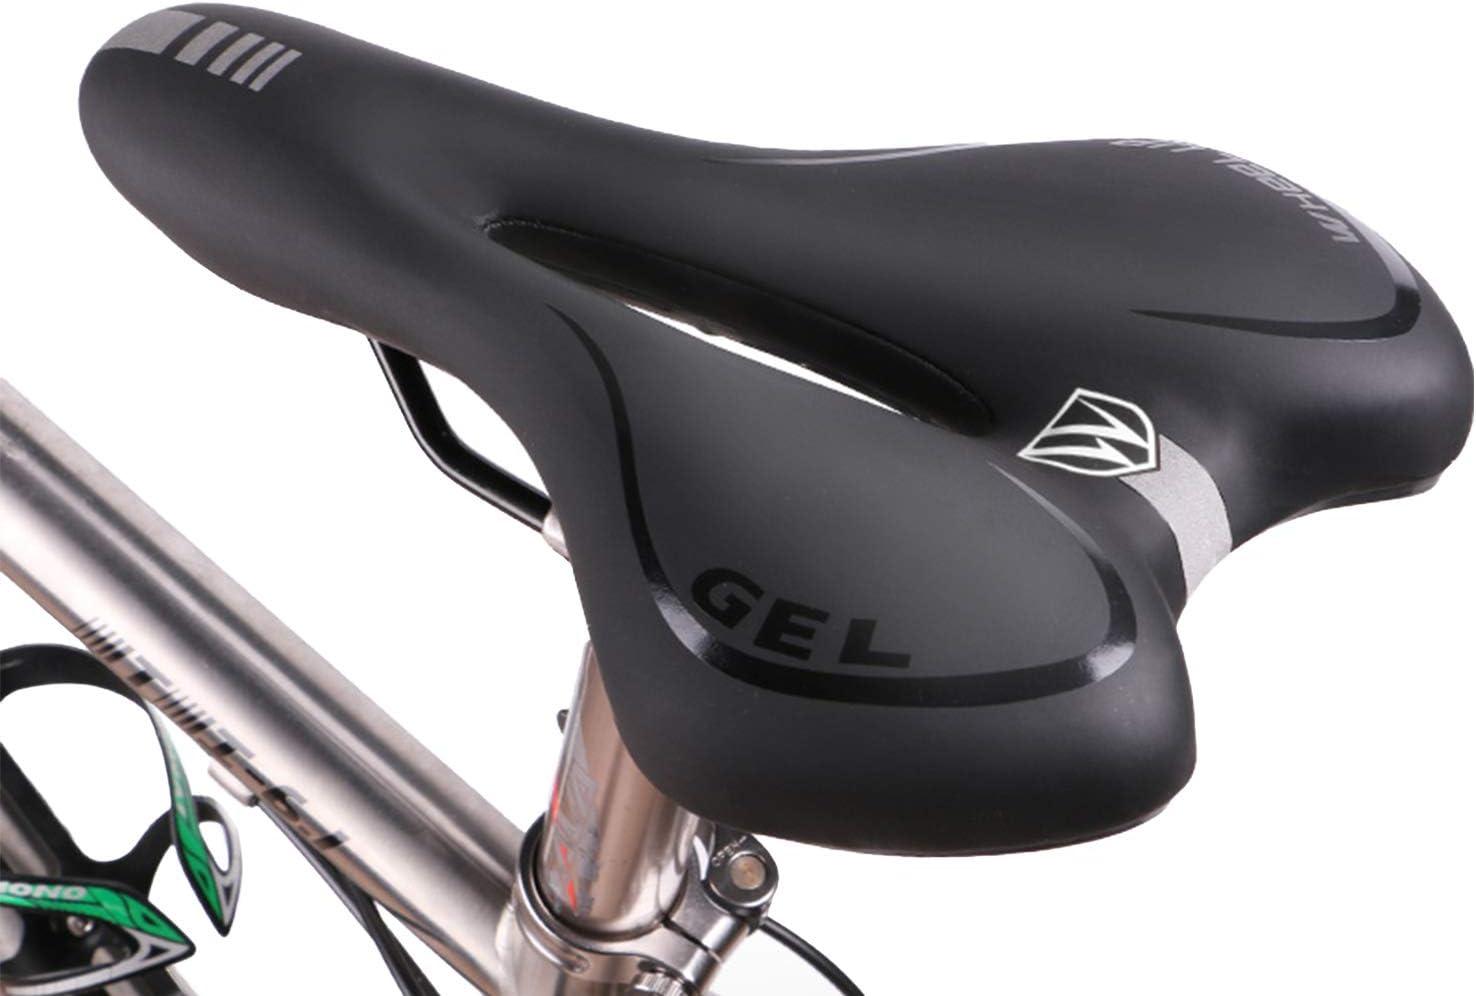 Respirant Creux Si/ège Antichoc Gel Selle de Bicyclette pour VTT//Route//Randonn/ée YiLVV Selle de V/élo Confort